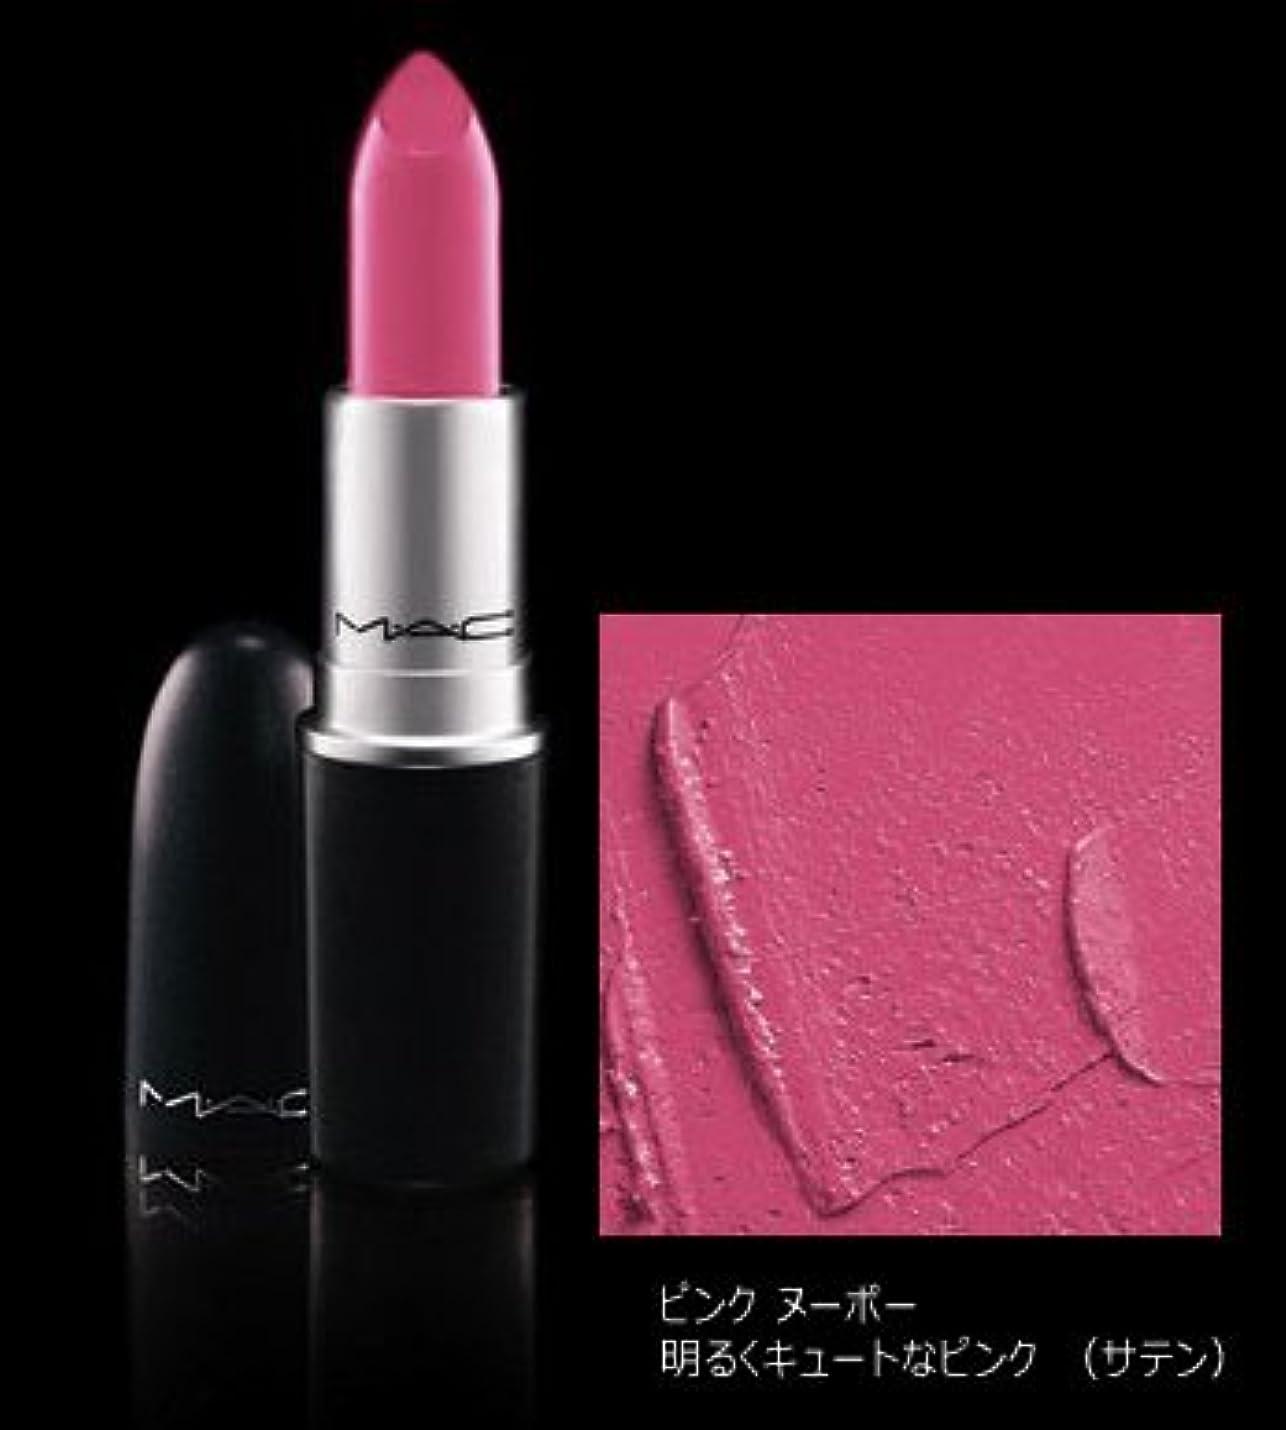 活力酸っぱい里親【マック】リップスティック (サテン) #ピンク ヌーボー 3g [並行輸入品]